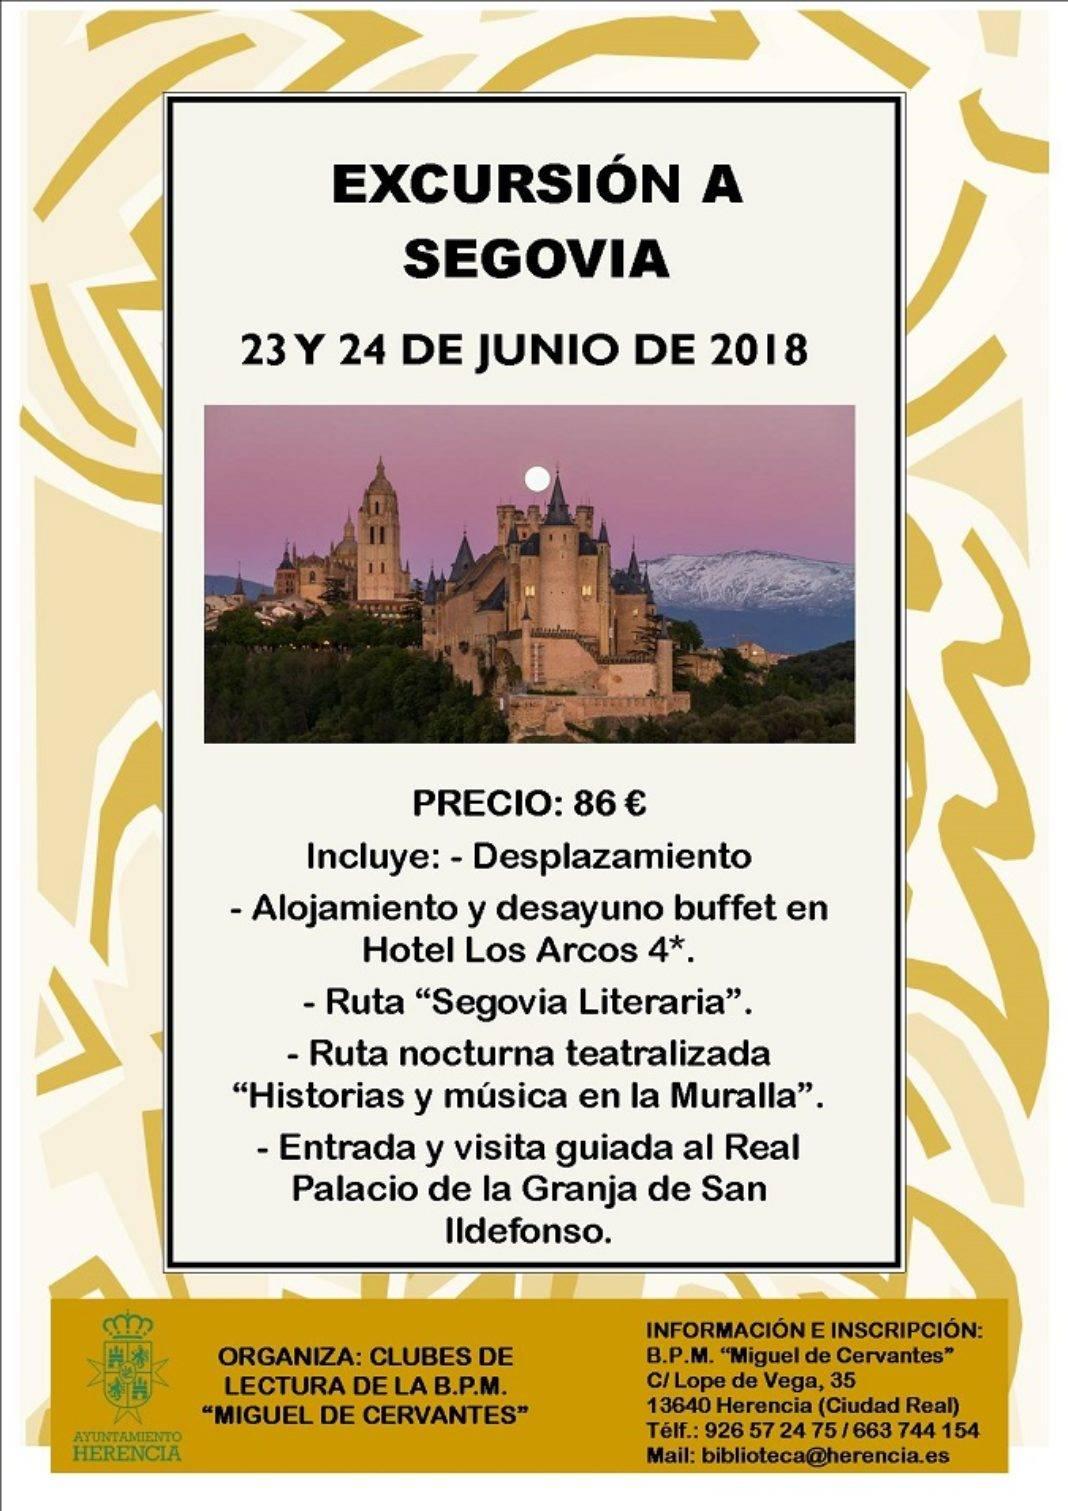 Cartel excursion Segovia 1068x1511 - Los clubes de lectura organizan un viaje a Segovia